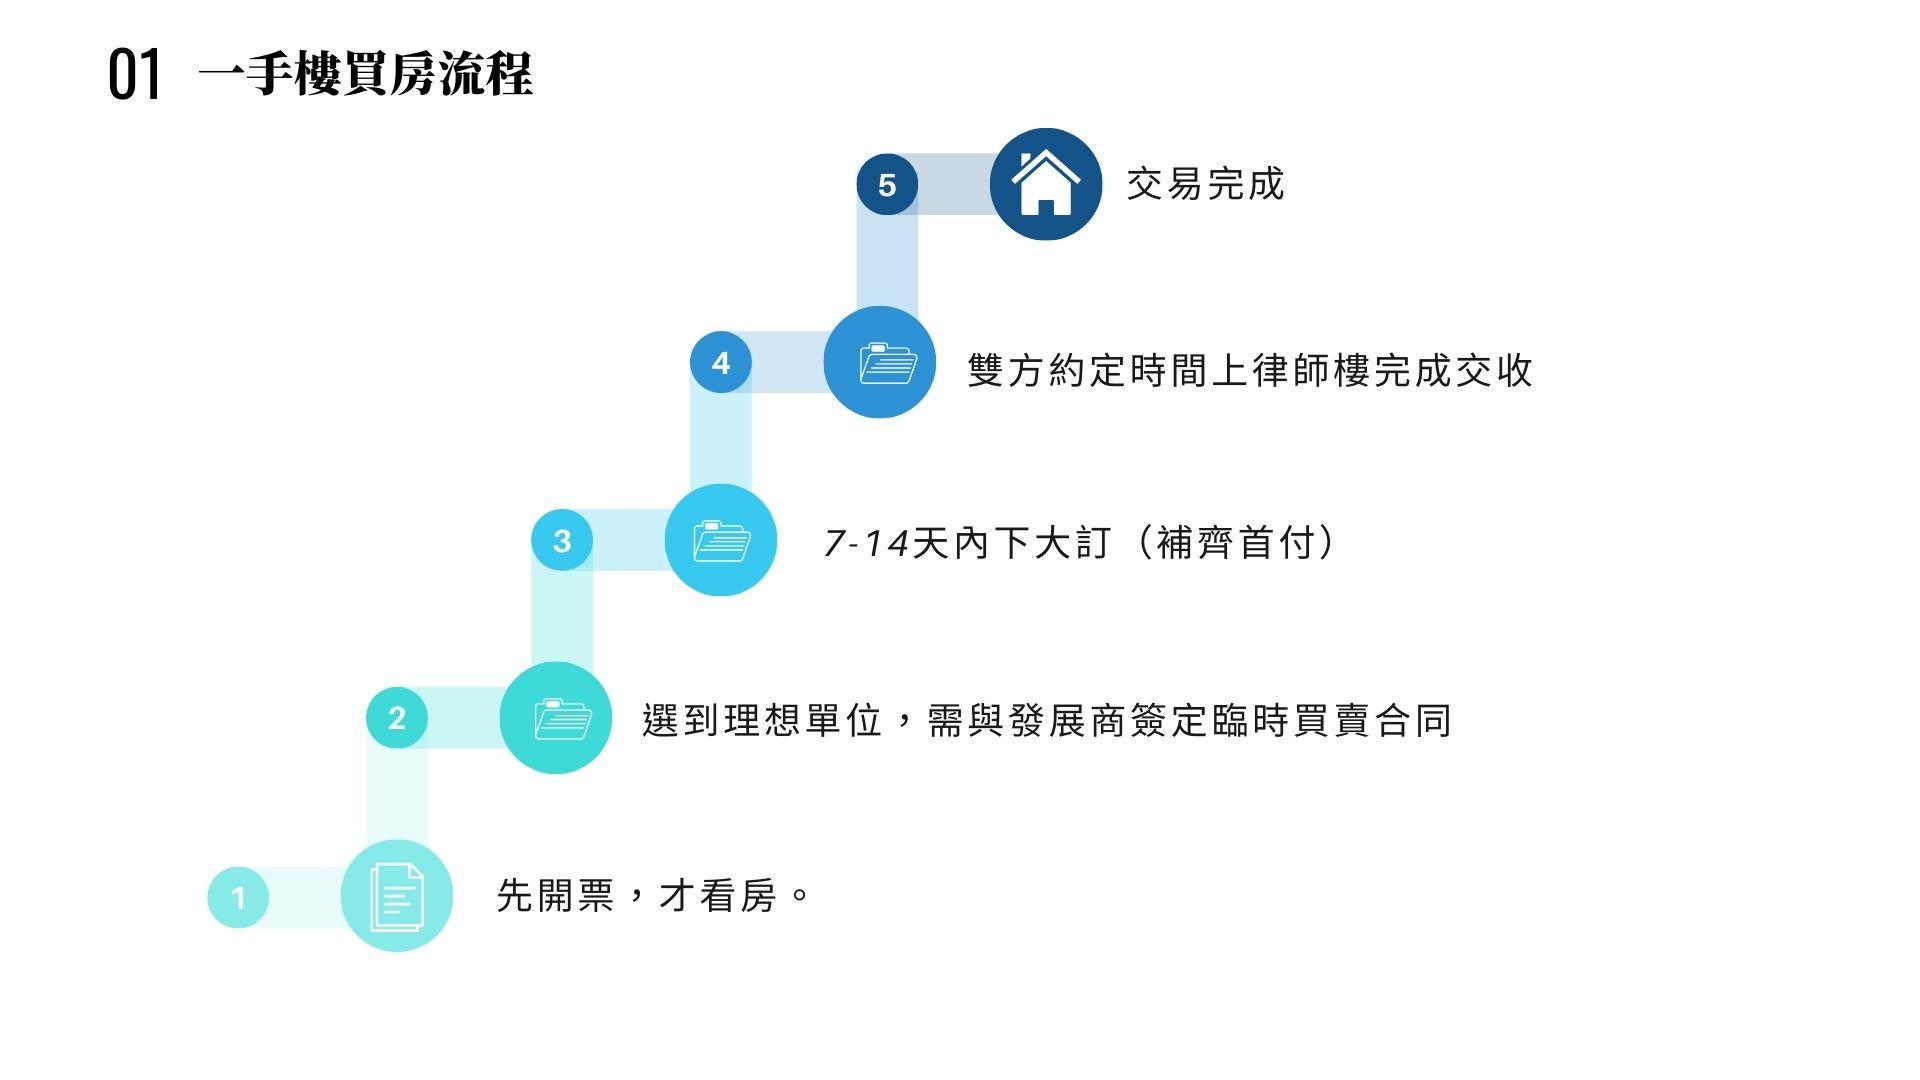 11 2 Southern Land 南國工程